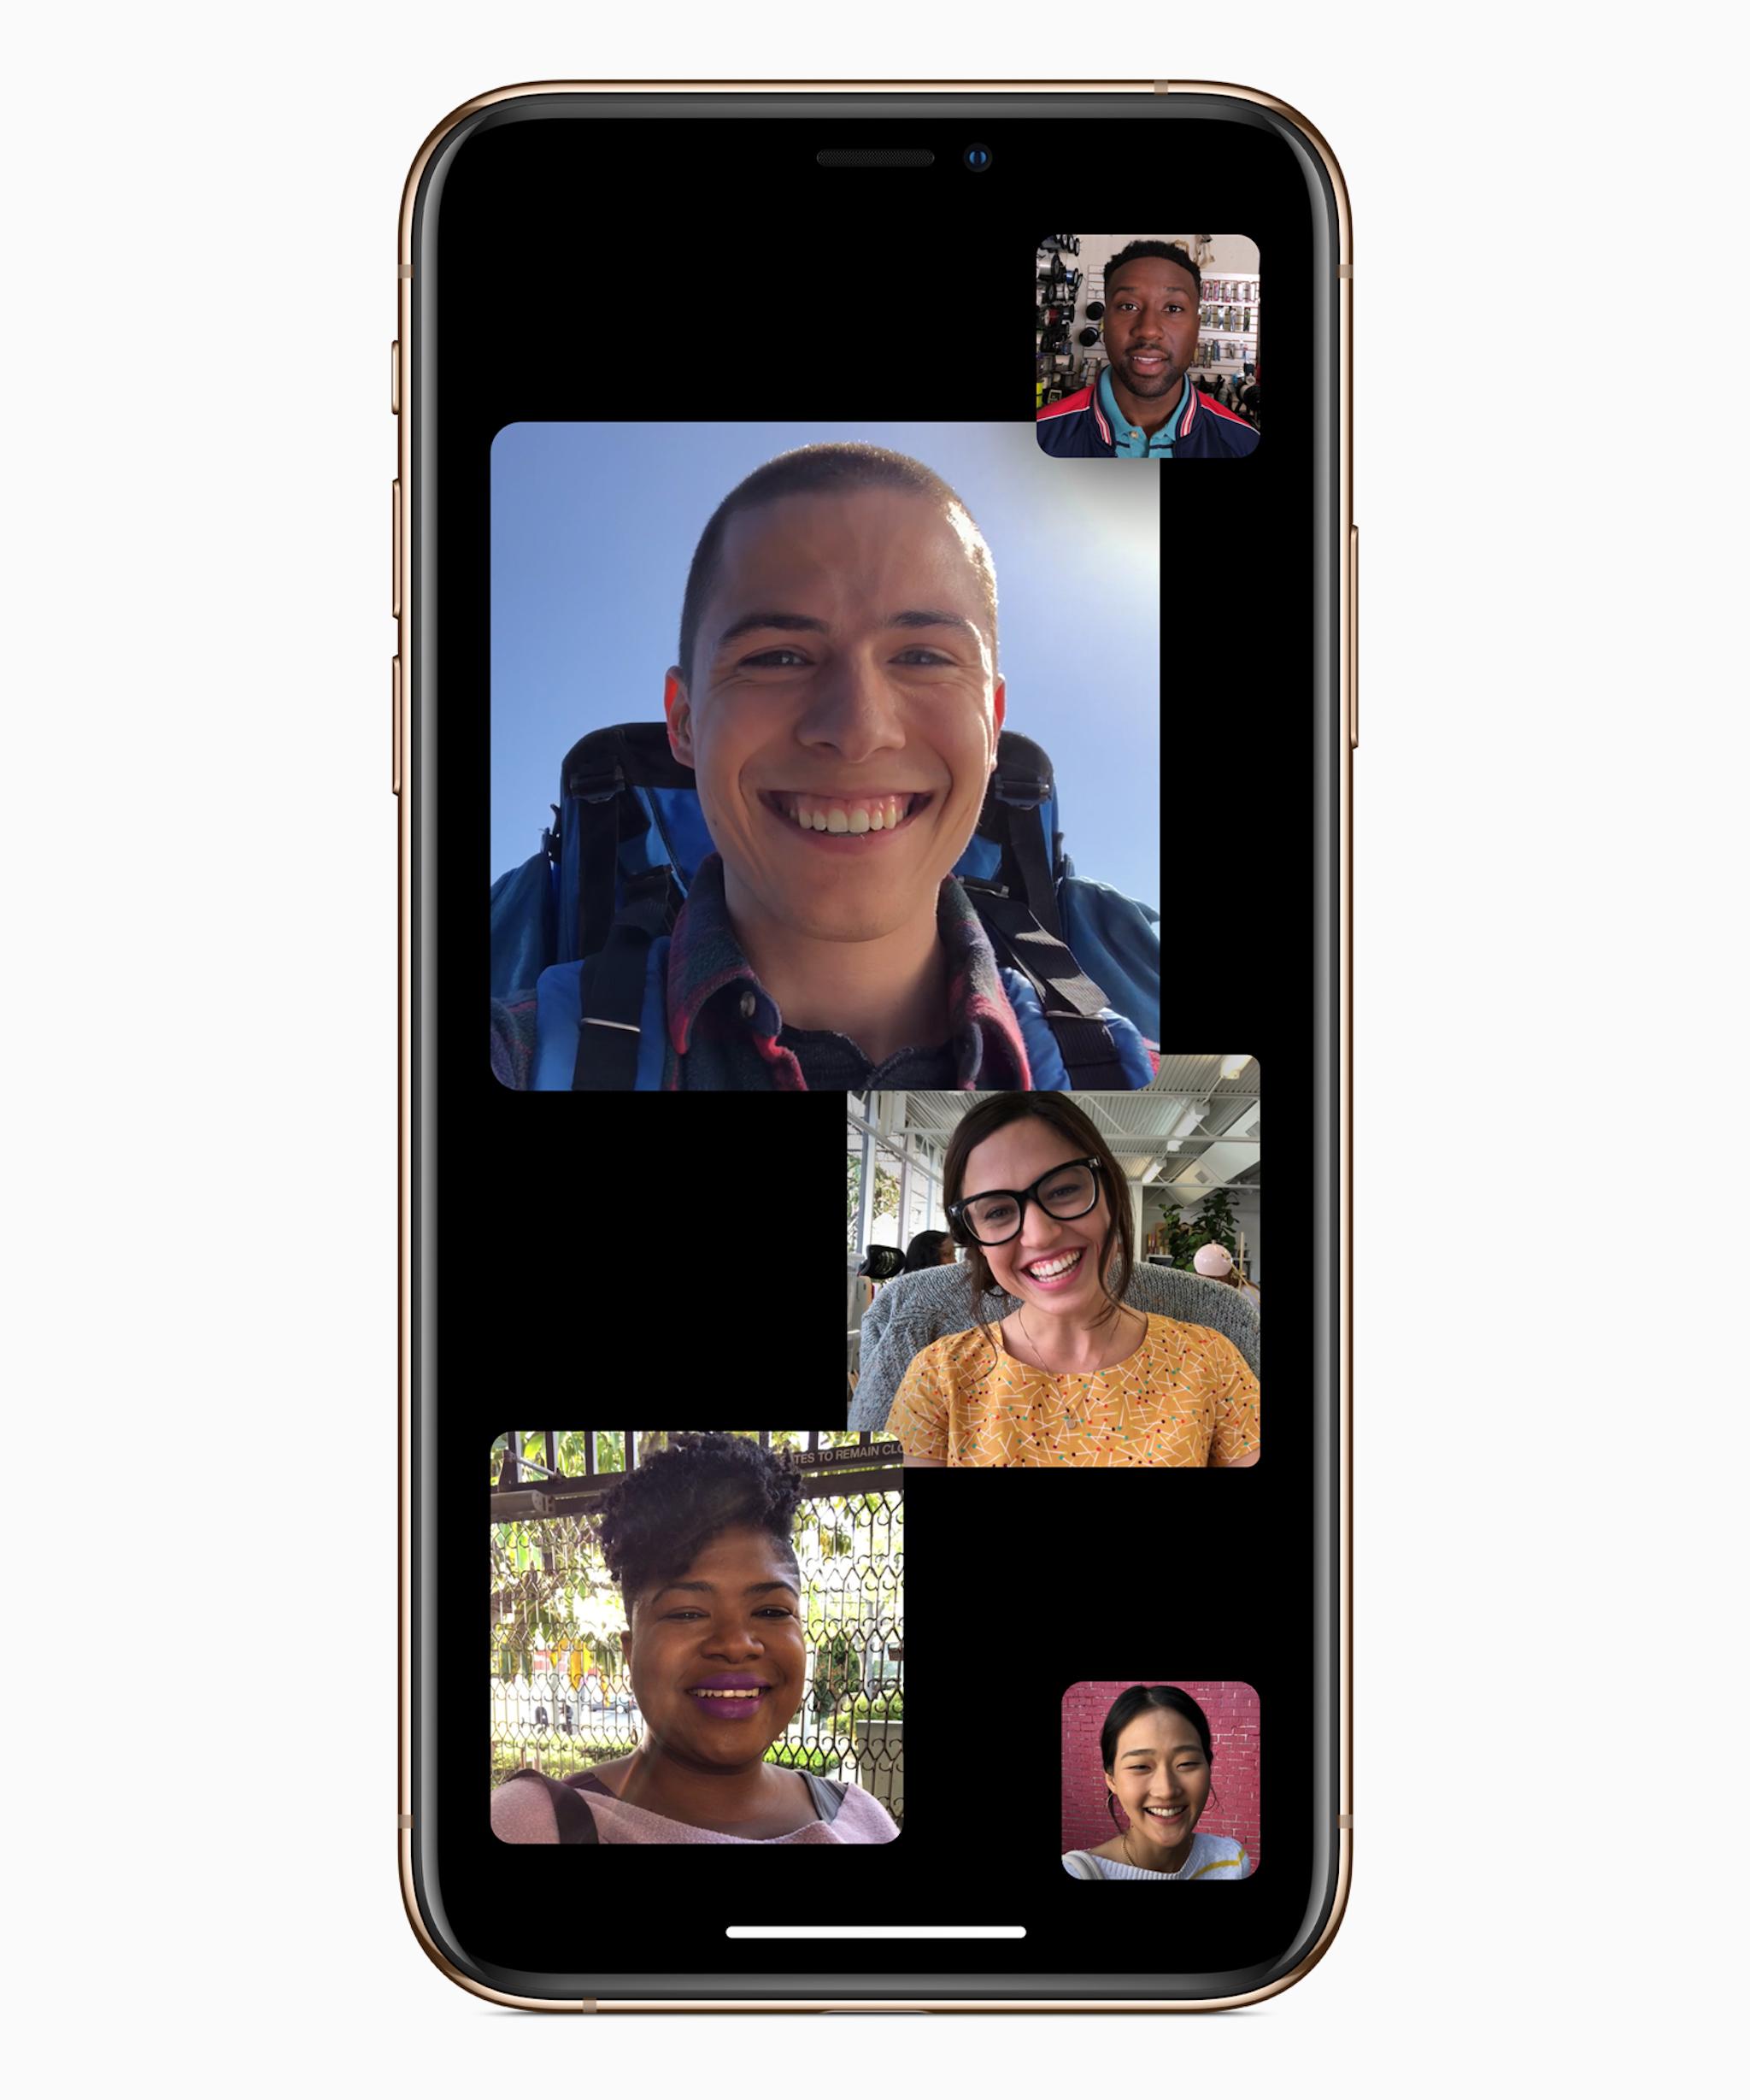 iOS-12.1-Emoji-FaceTime_group-facetime_10292018.jpg